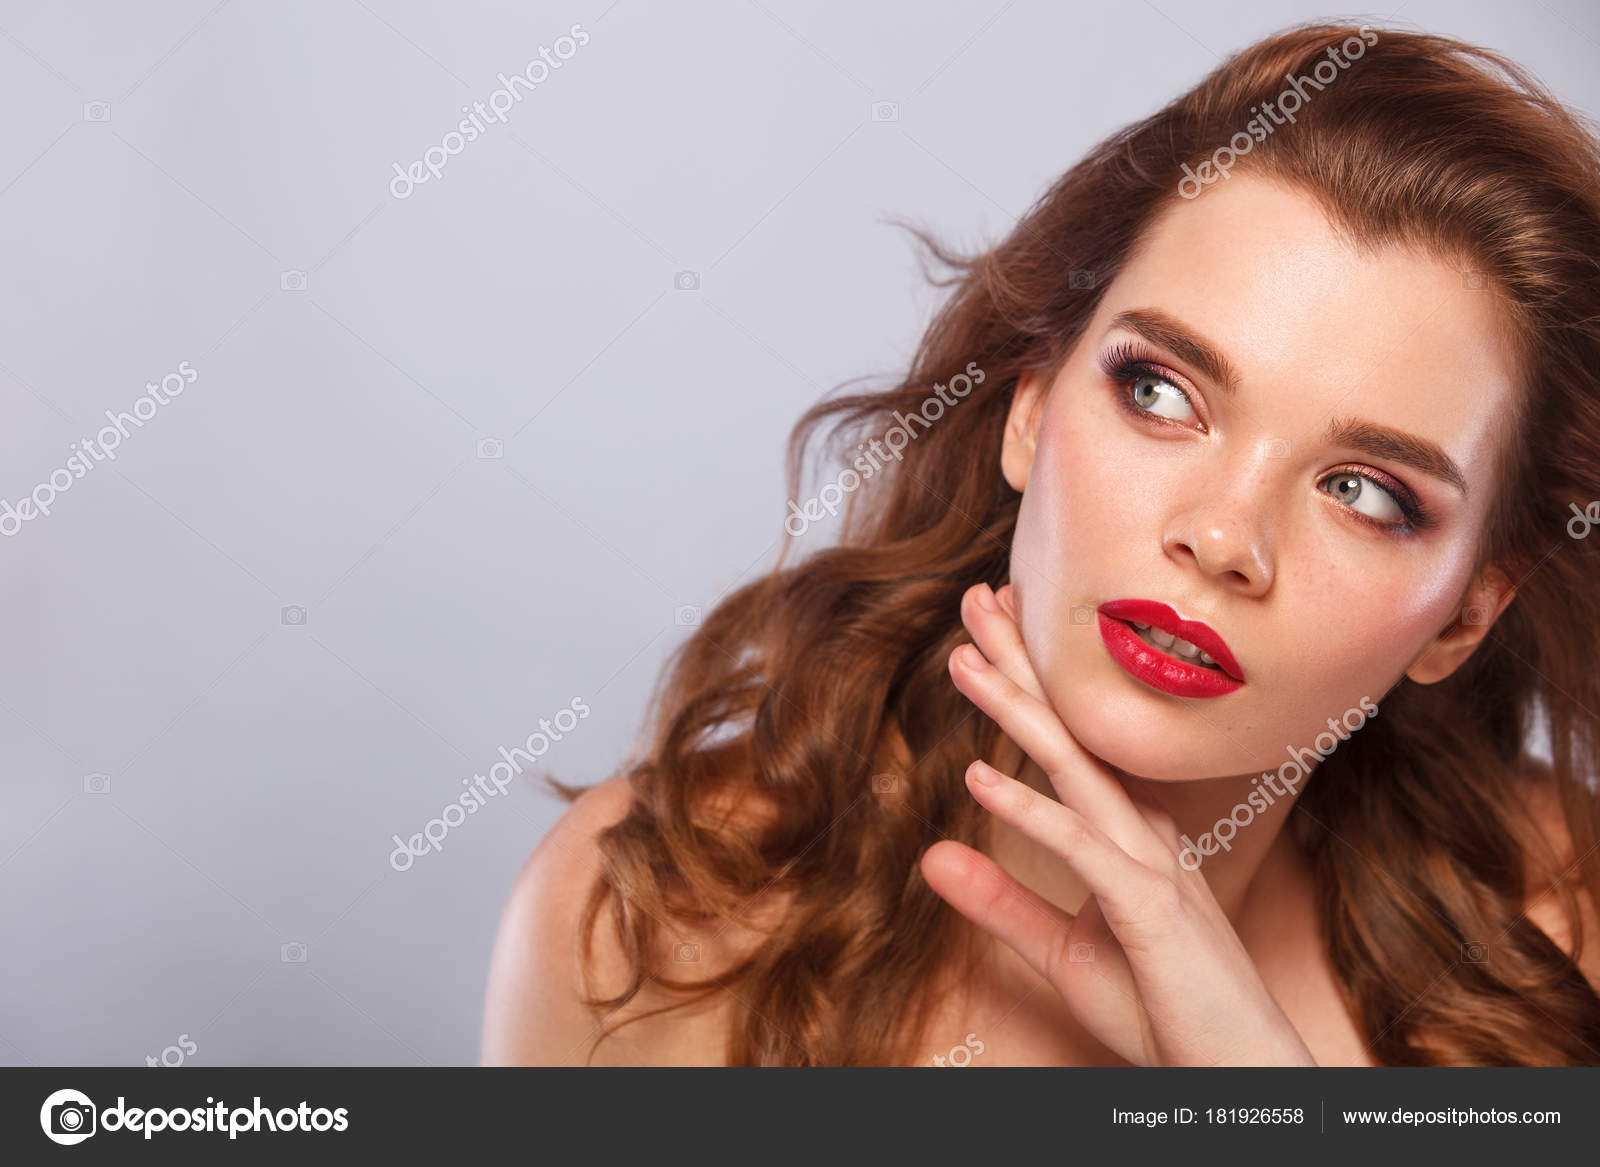 Model model nahé